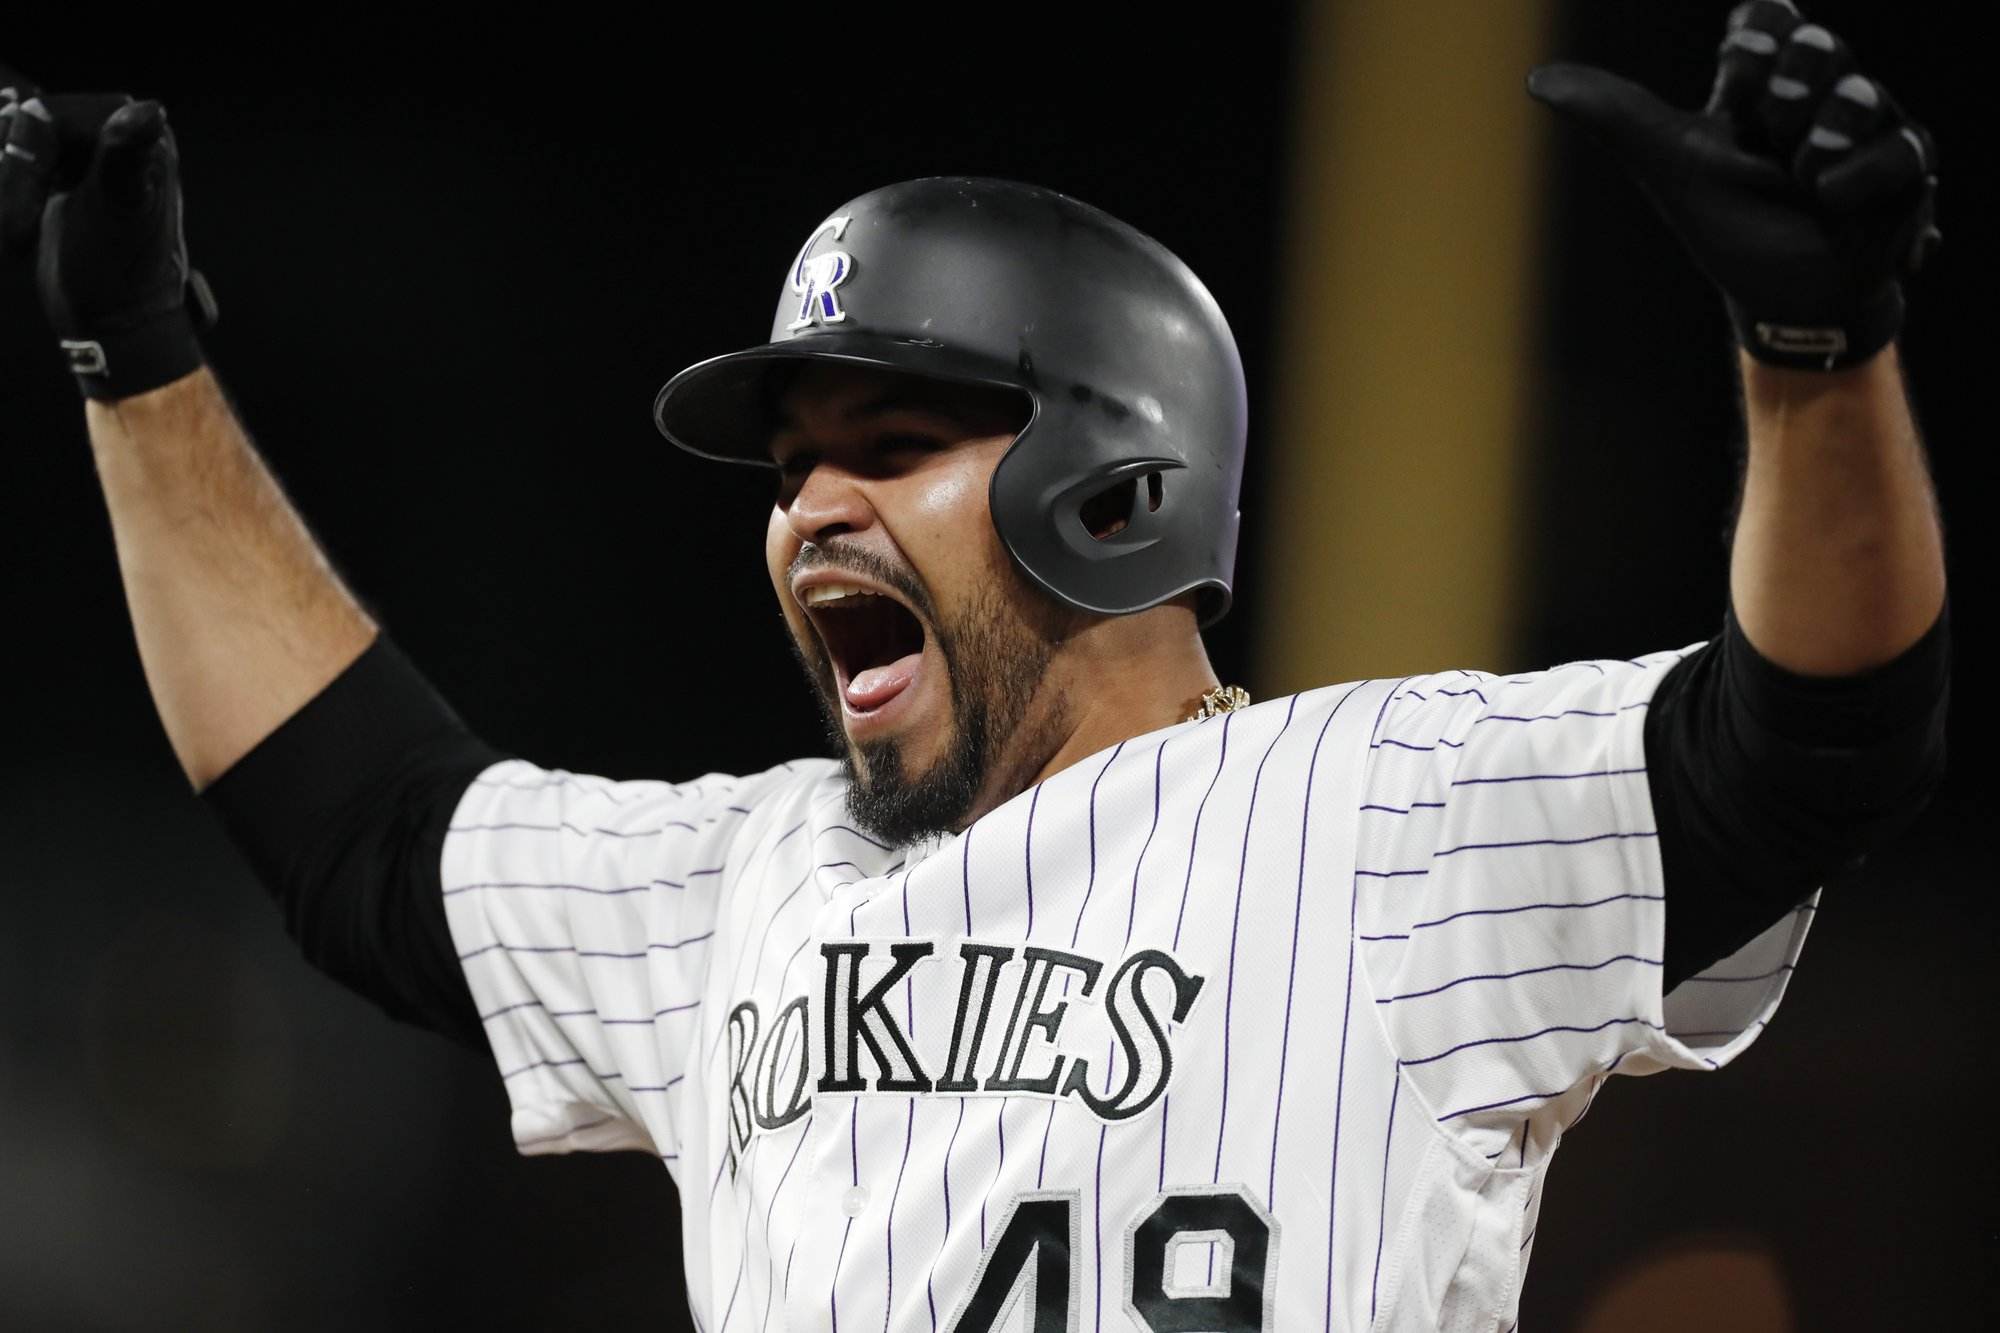 Senzaltela, Story lead Rockies over Mets 9-4